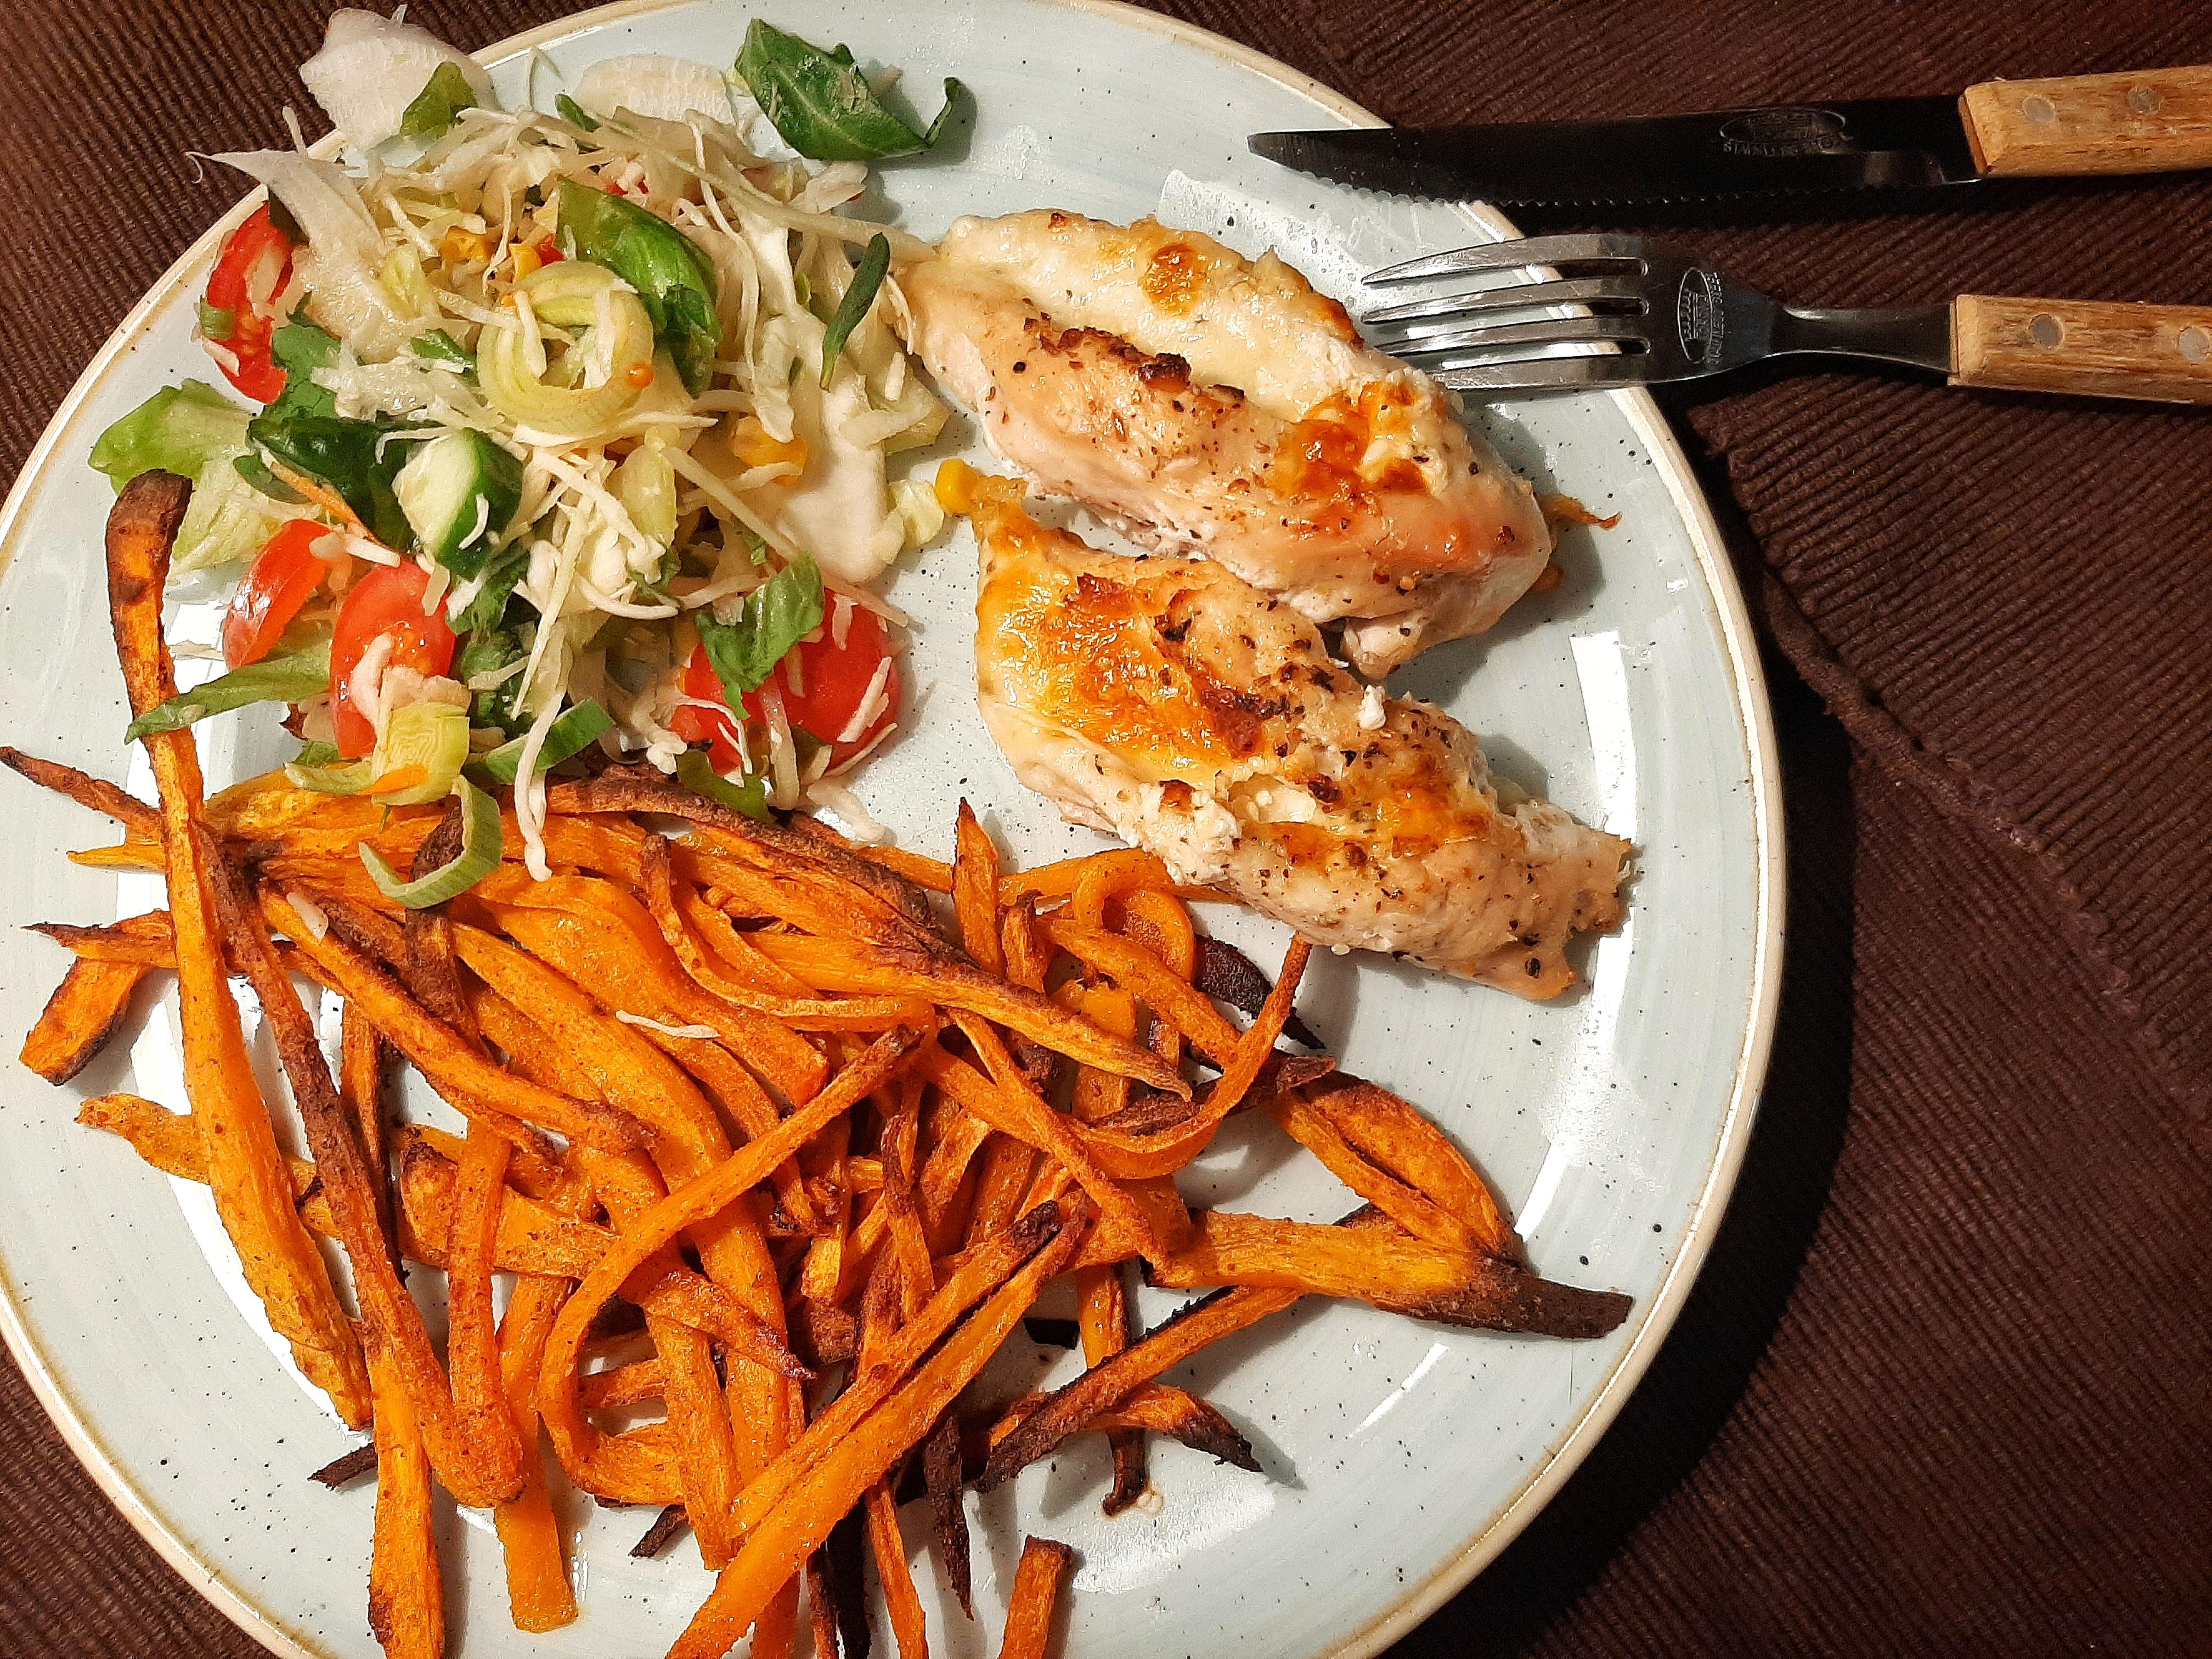 Sajtzsebes csirkemell sült édesburgonyával és salátával - éttermi minőség otthon